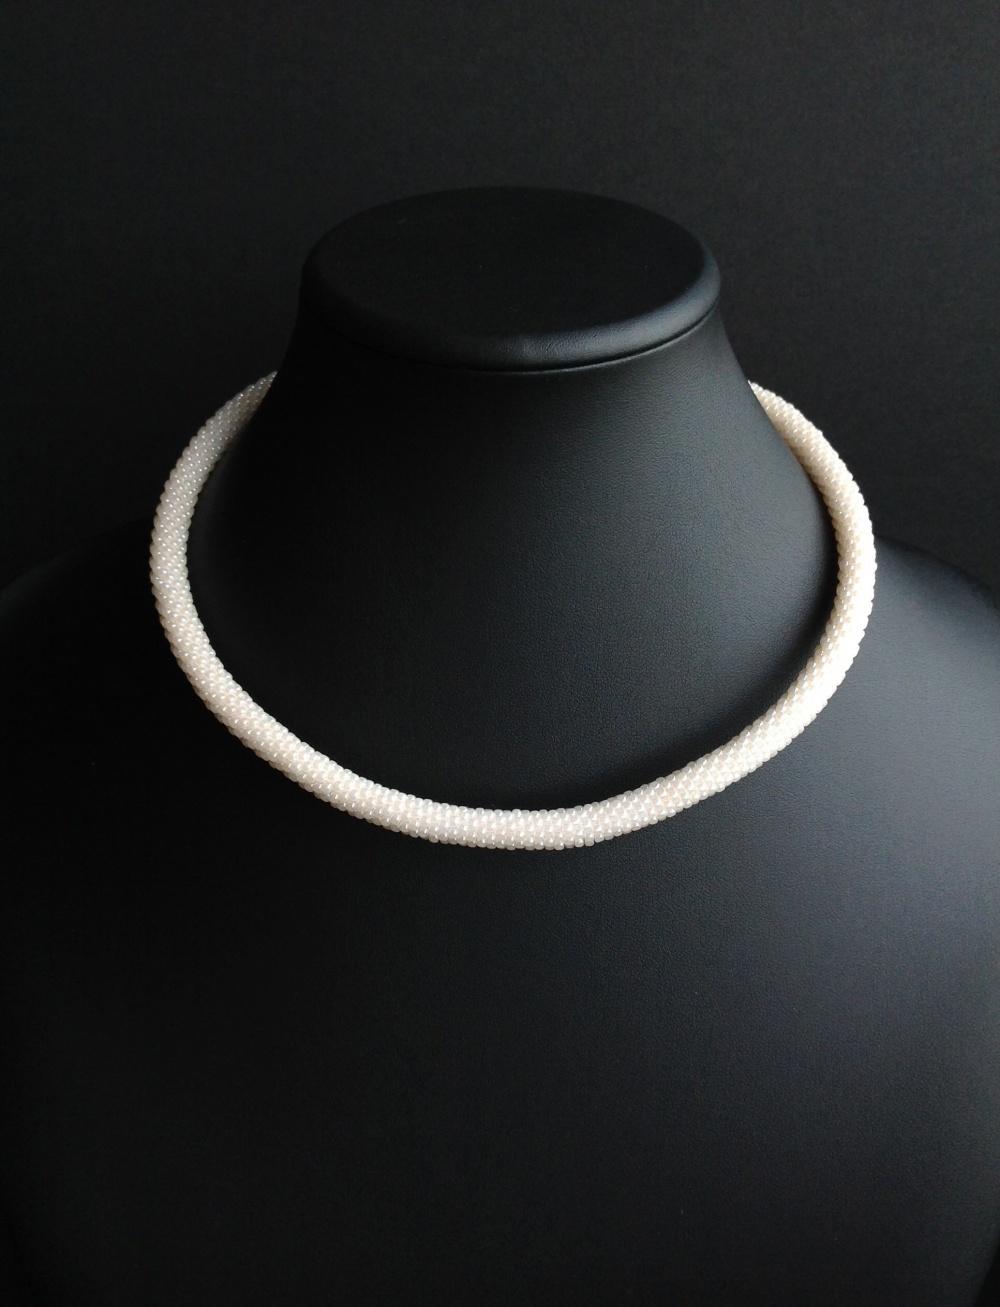 Колье-чокер жемчужного цвета, классика, авторская бижутерия, ручная работа, японский бисер, на шею 38-40см (арт.17/003)